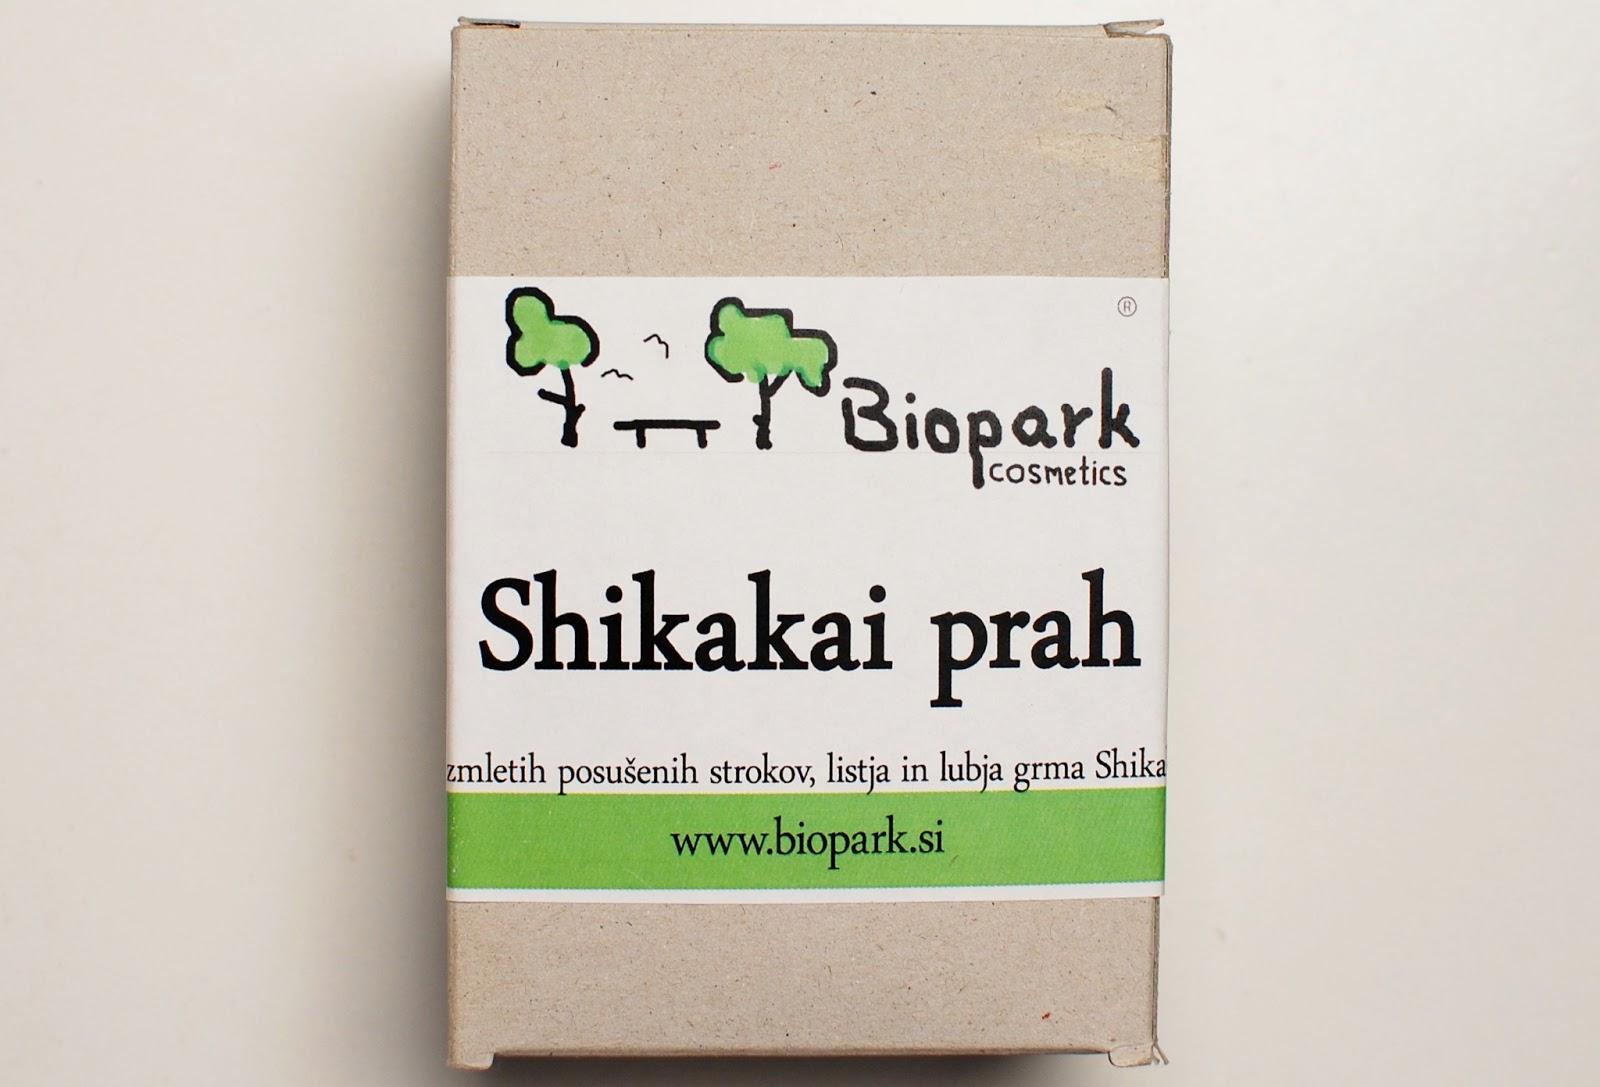 Biopark Shikakai prah